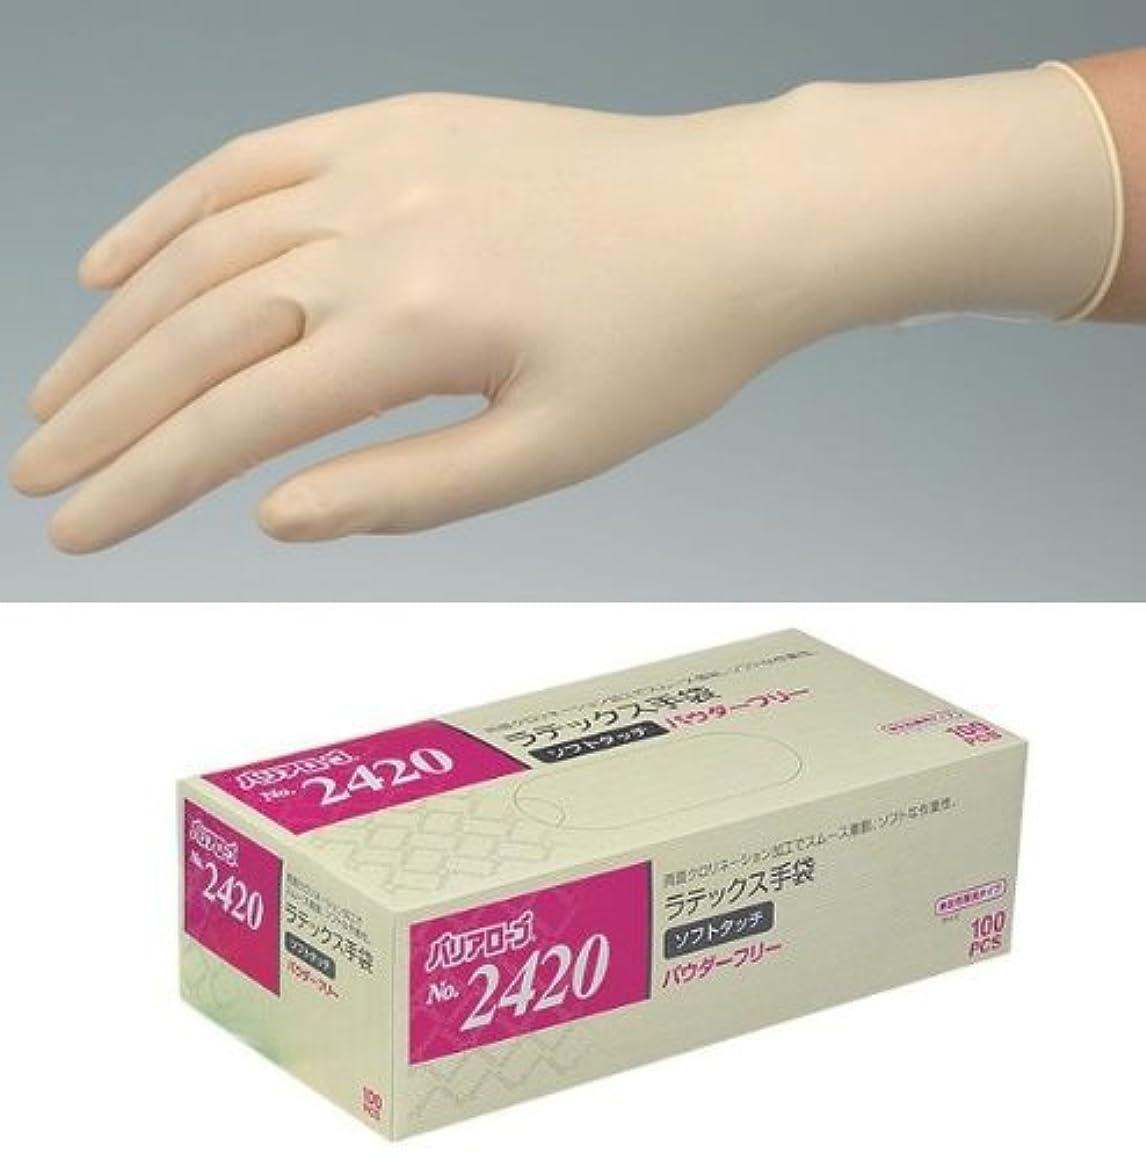 生活リビジョン記述するバリアローブ ラテックス手袋 ソフトタッチPF(左右兼用) 100枚×20箱 NO.2420   M